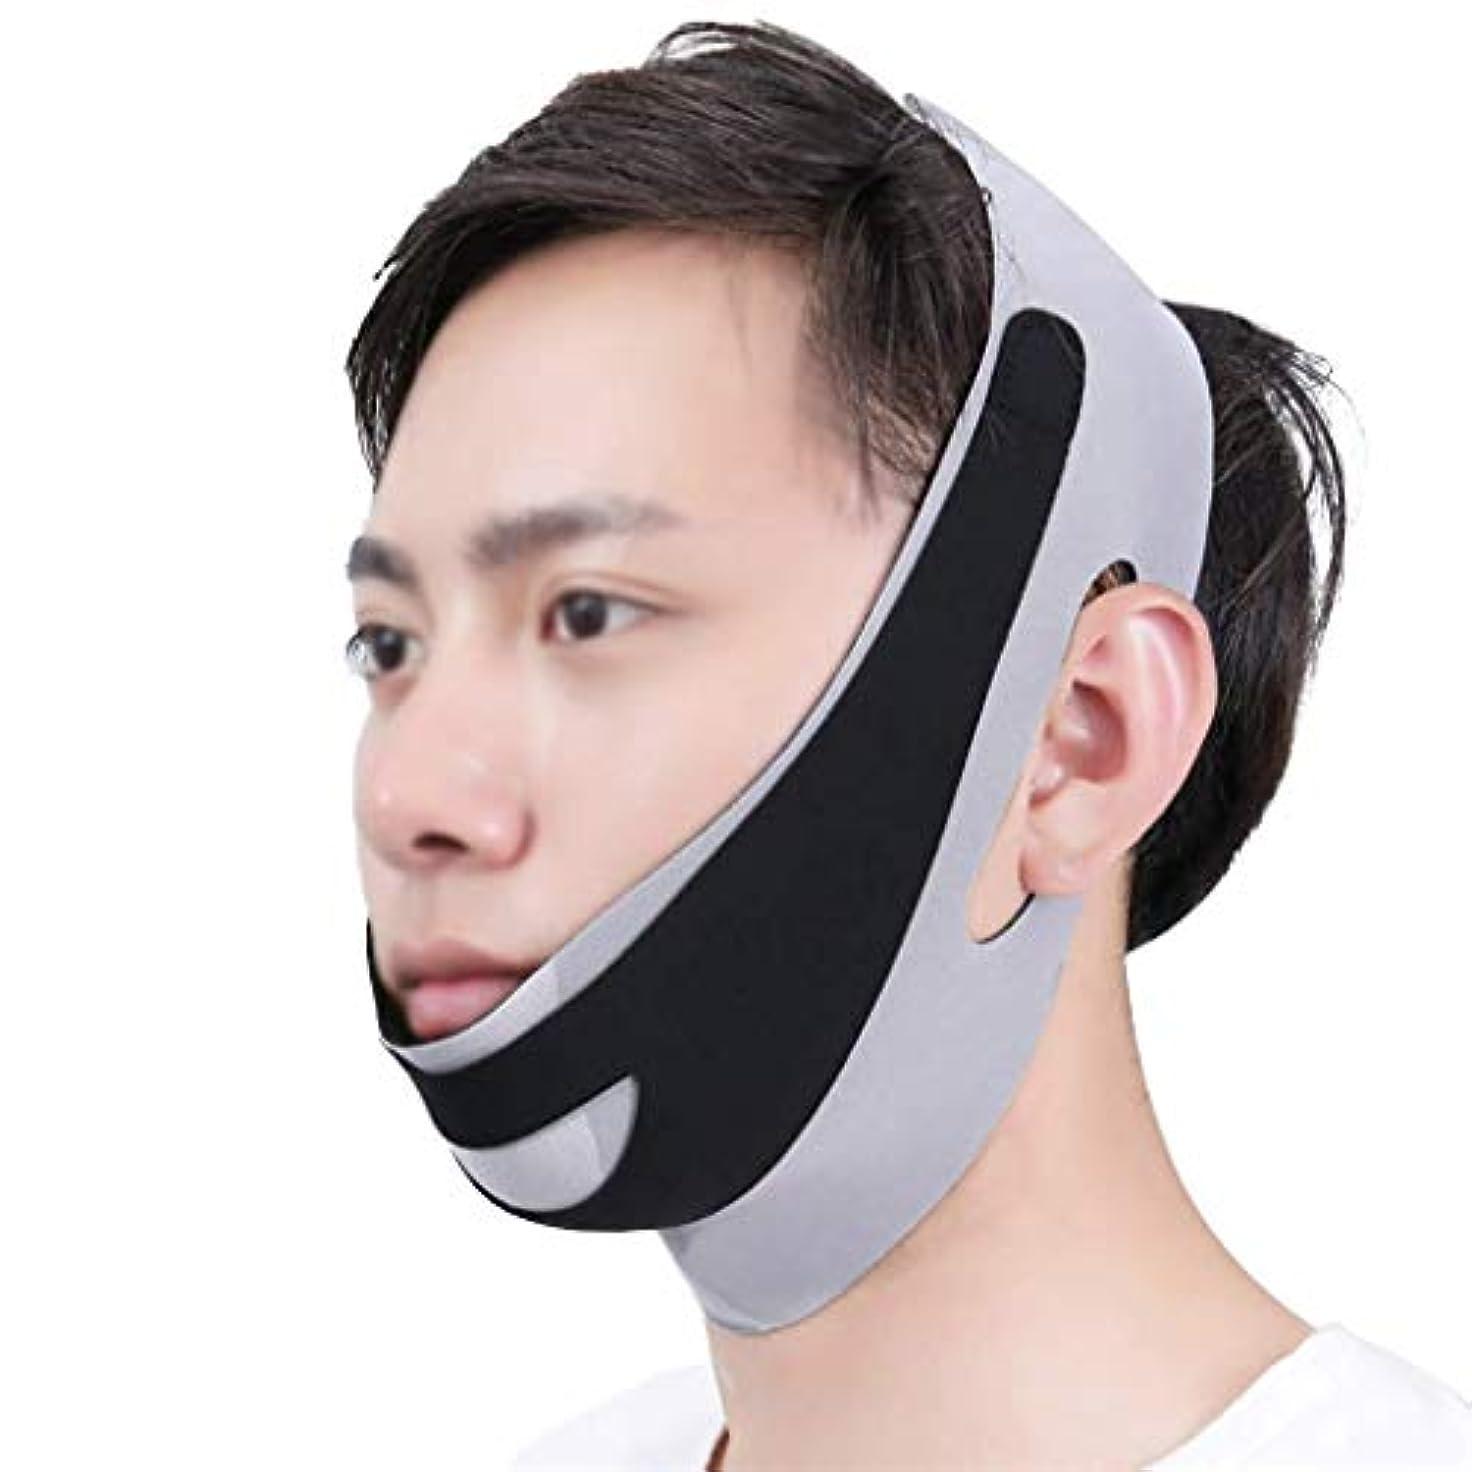 スペイン語カロリー矩形顔と首のリフト術後の弾性フェイスマスク小さなV顔アーティファクト薄い顔包帯アーティファクトV顔ぶら下げ耳リフティング引き締め男性の顔アーティファクト